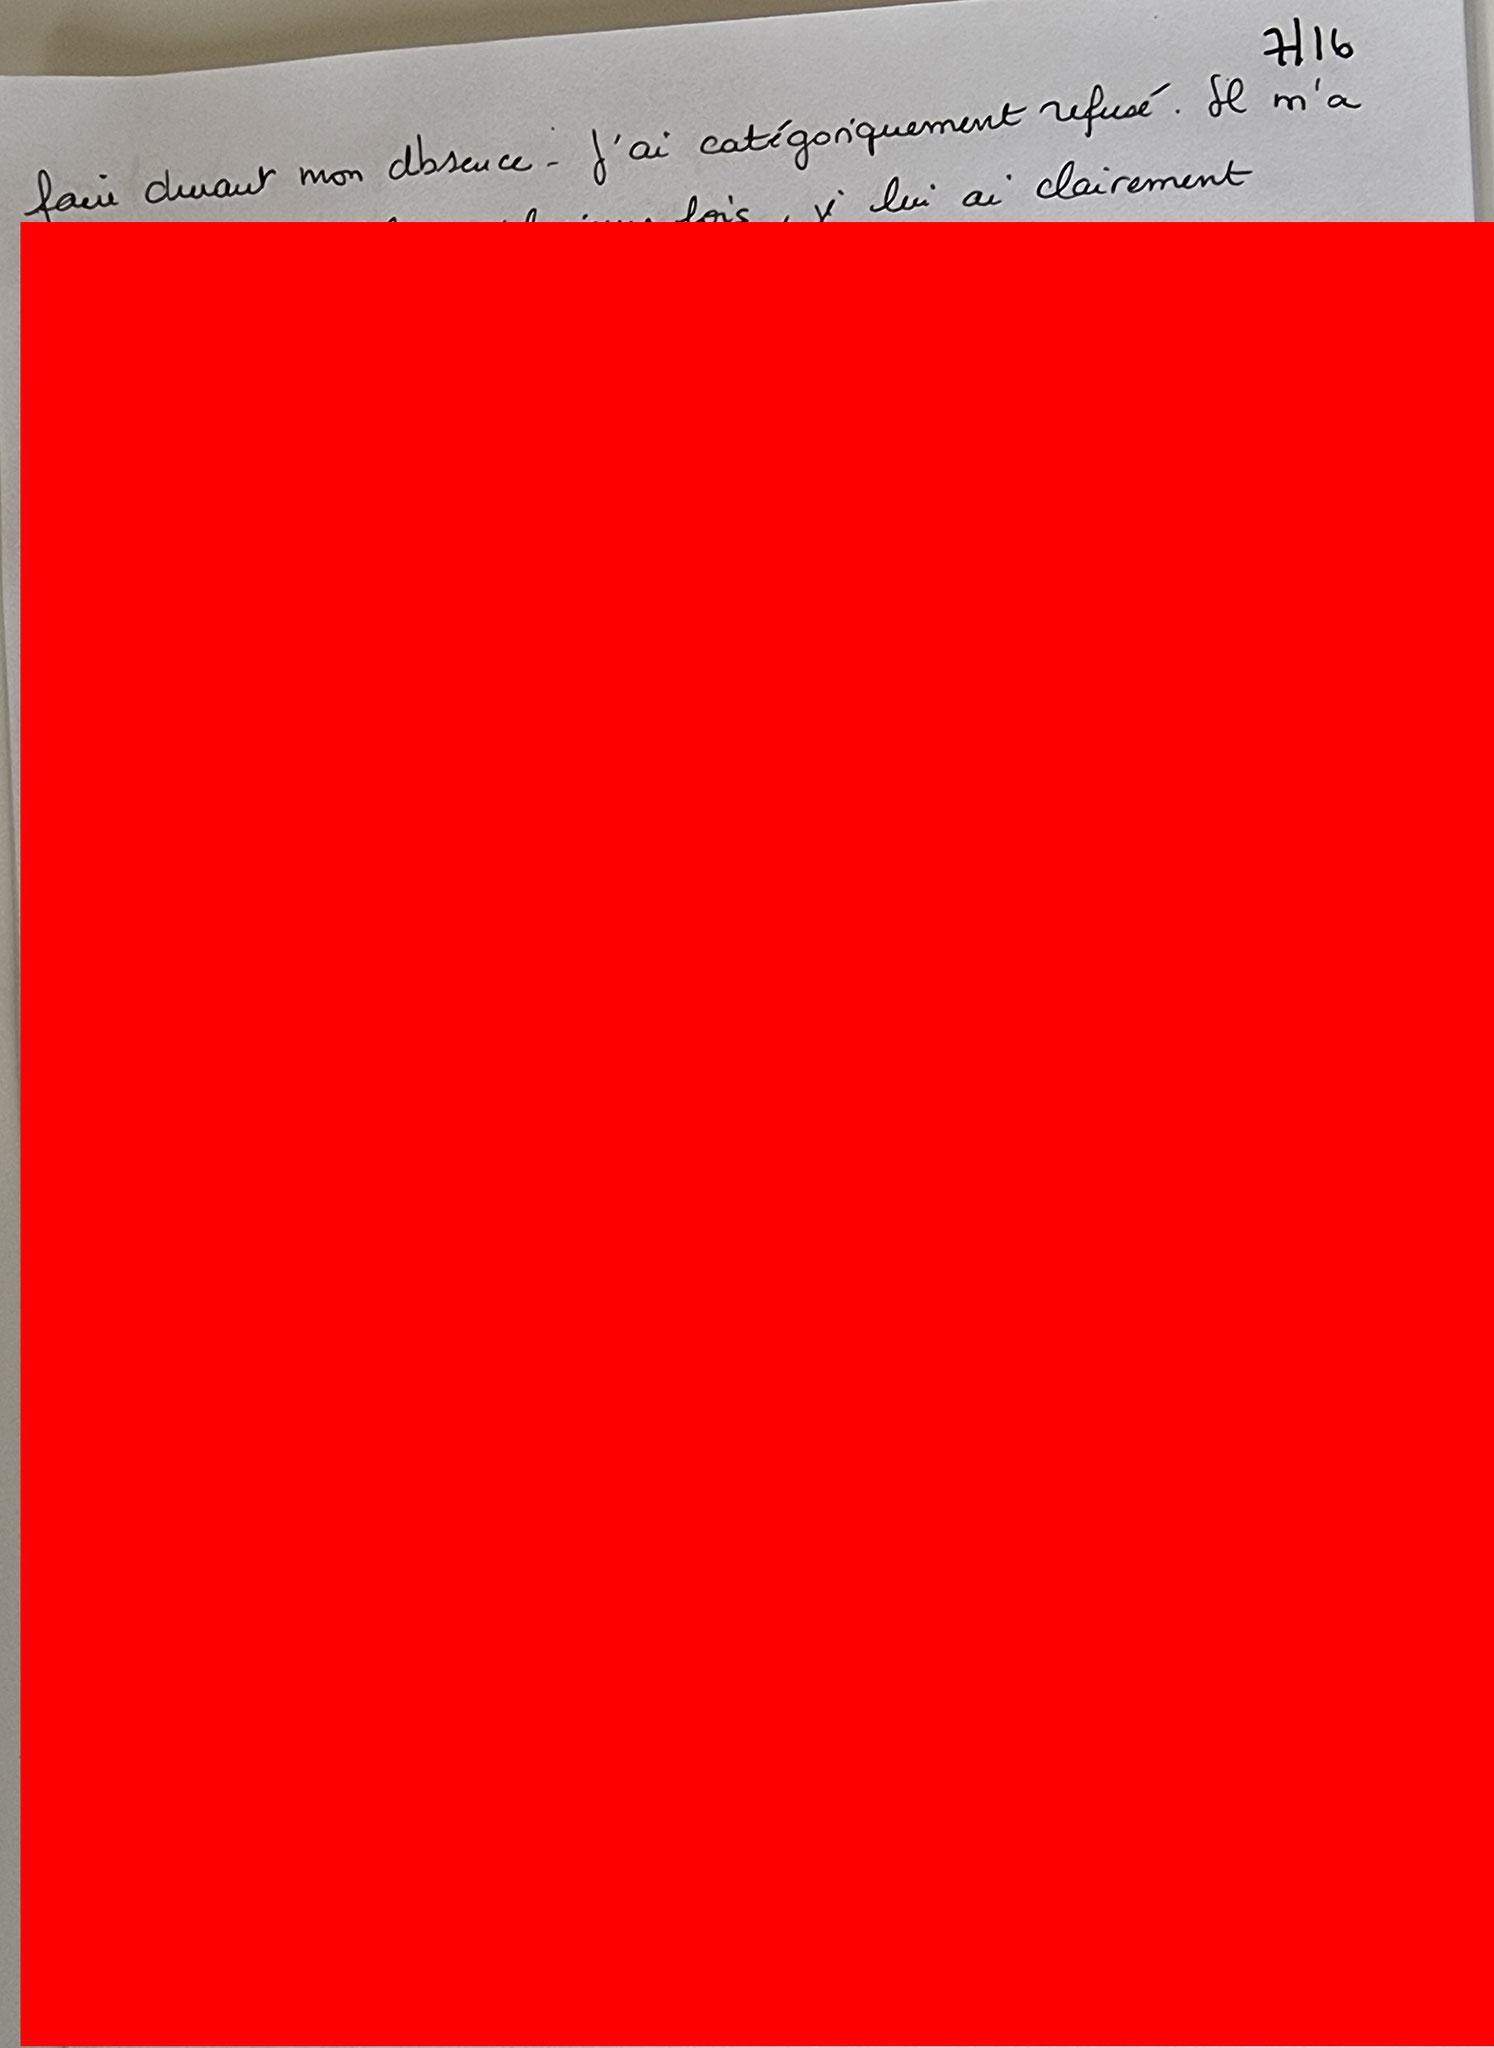 AFFAIRE Société Industrielle TEINTURERIE DE LA CHAUSSEE ROMAINE Mr Philippe REMY www.jenesuispasunechien.fr www.jesuisvictime.fr www.jesuispatrick.fr NE RENONCEZ JAMAIS LE PAIN & LA LIBERTE POUSSENT SUR LA MÊME TIGE